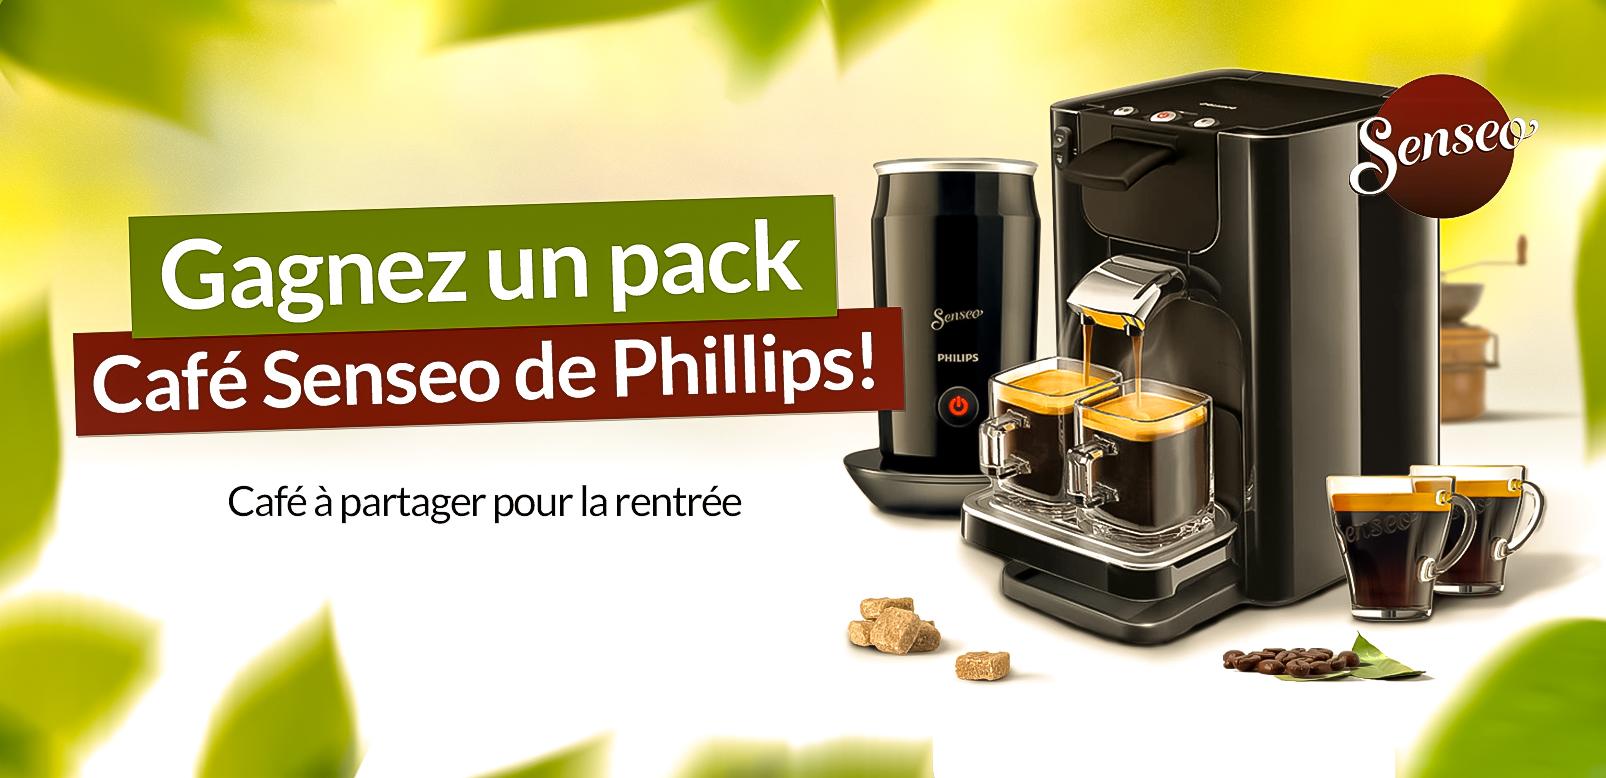 Gagnez un pack Café Senseo Phillips